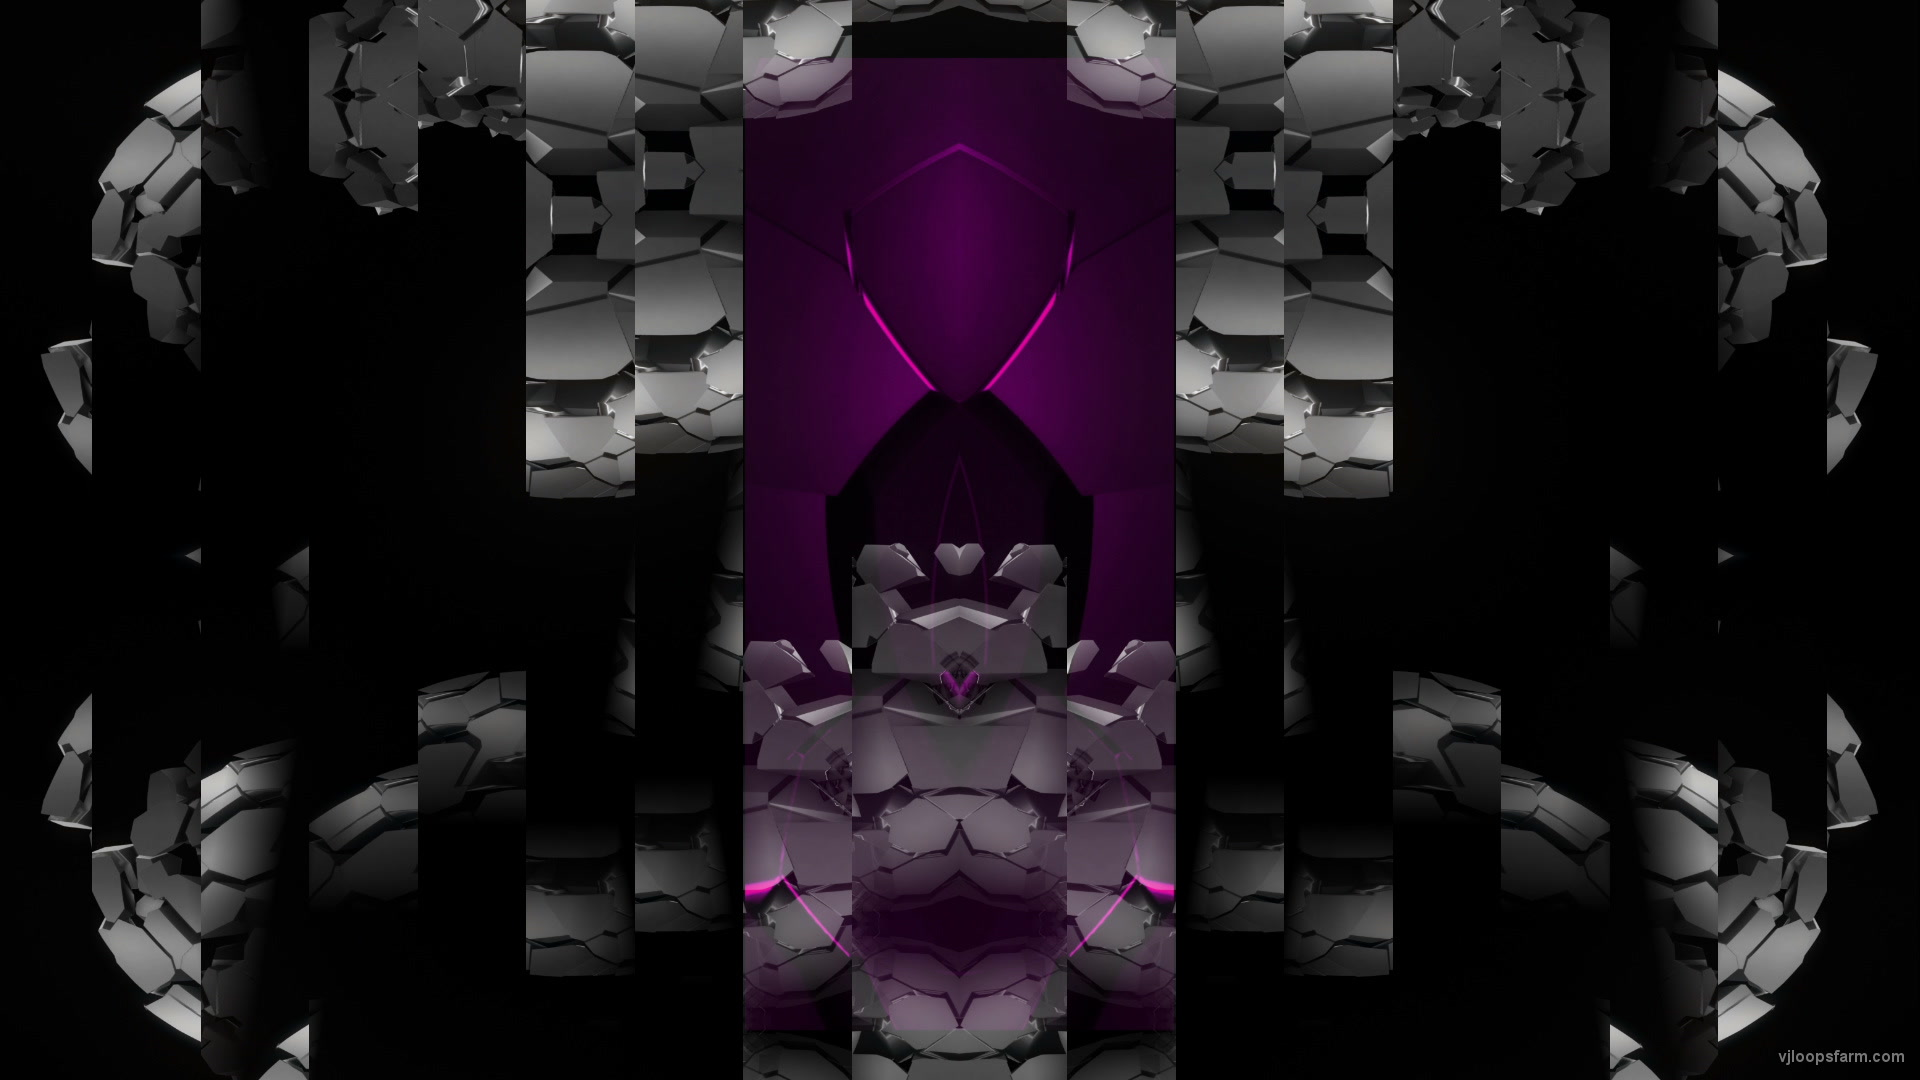 vj video background Ultra-Pink-Violet-Hammer-Tool-Beat-Video-Art-VJ-Loop_003